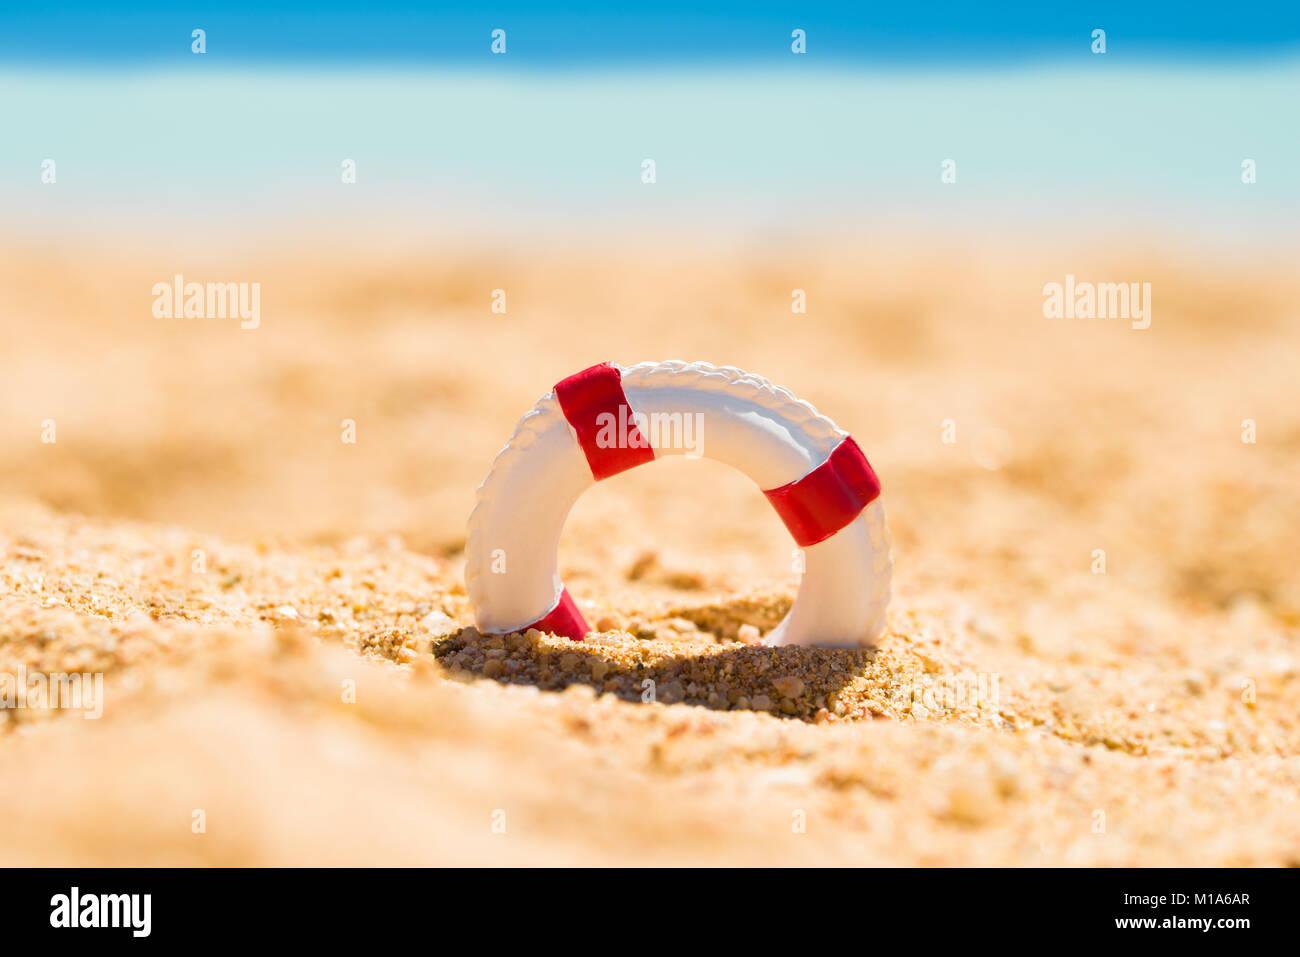 Miniatura salvavidas blanco y rojo en la arena en la playa Imagen De Stock